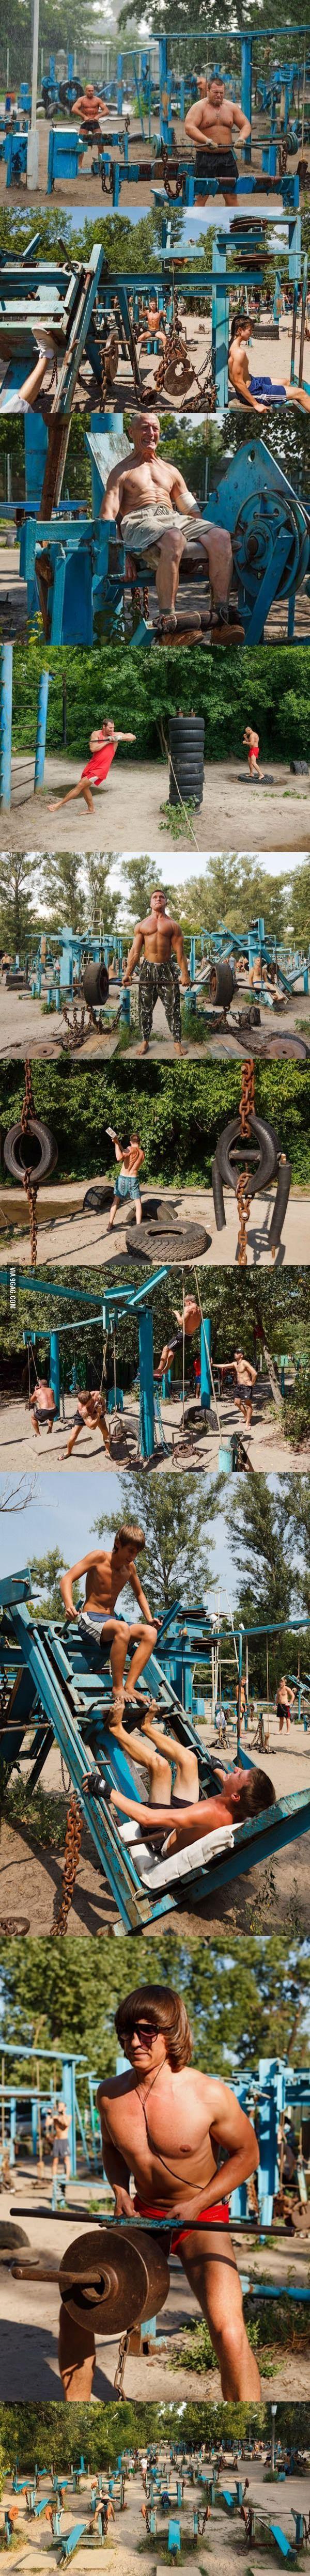 Sc**p metal outdoor gym in Ukraine